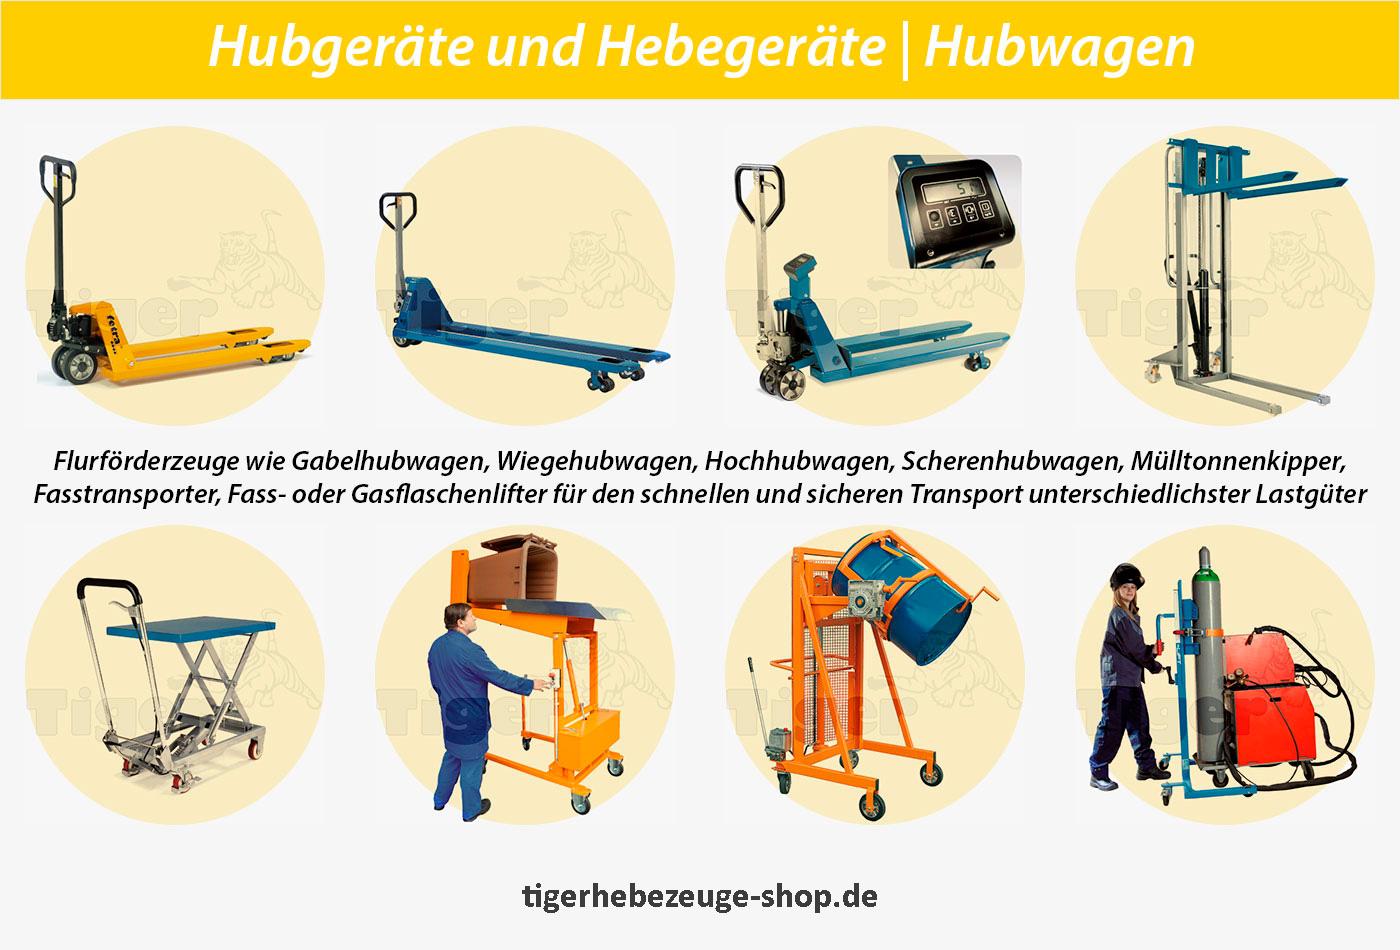 Hebegeräte, Hubwagen